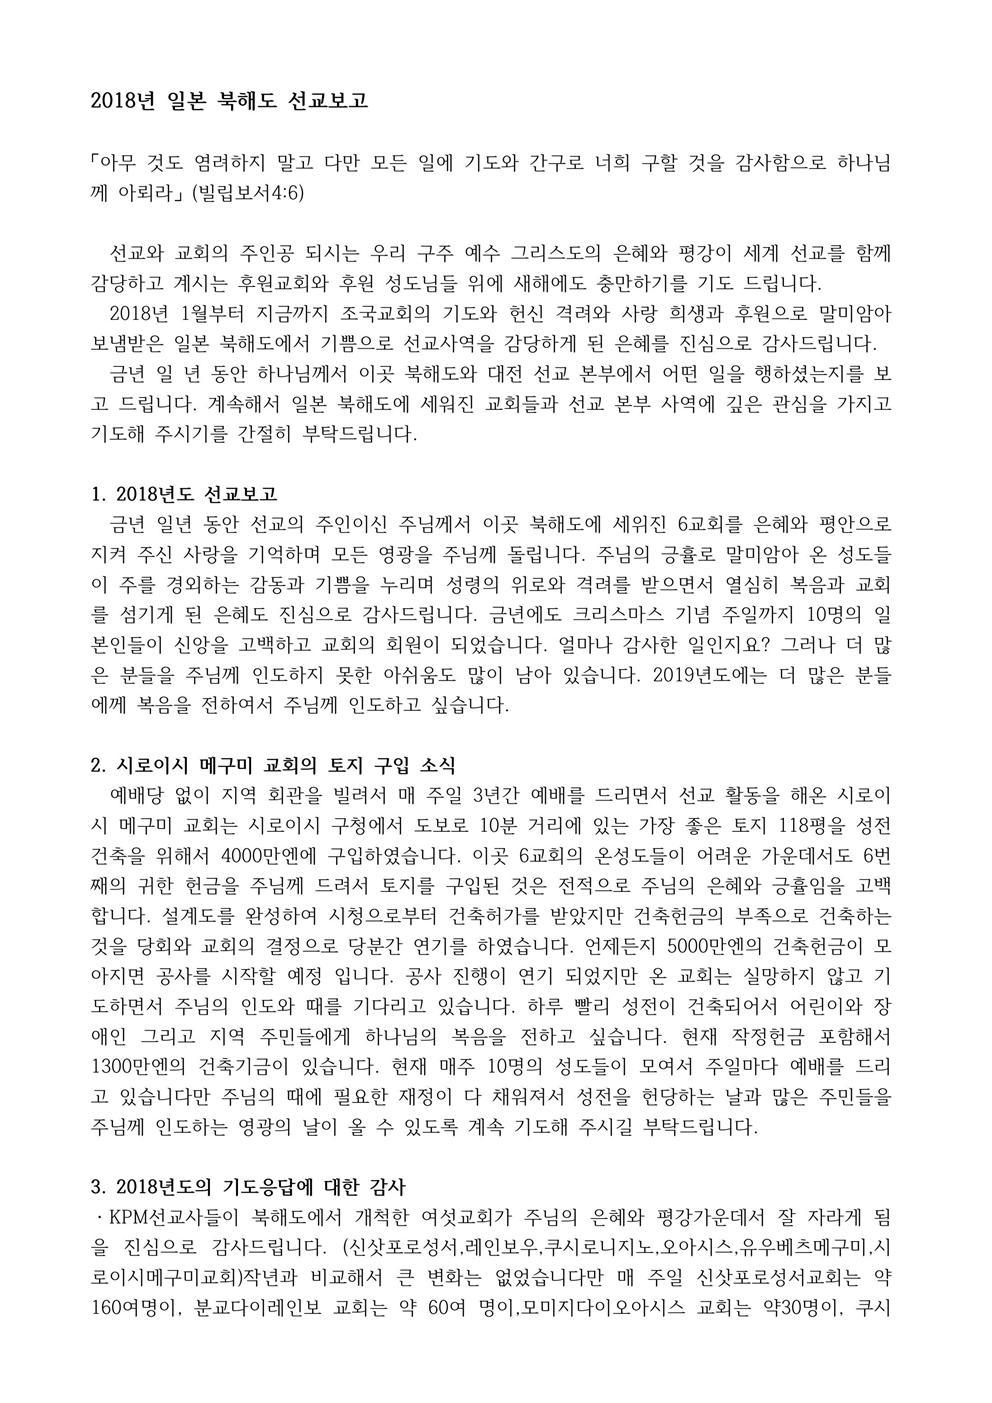 181231+박영기M_18년도+북해도+선교보고 (2)001.jpg